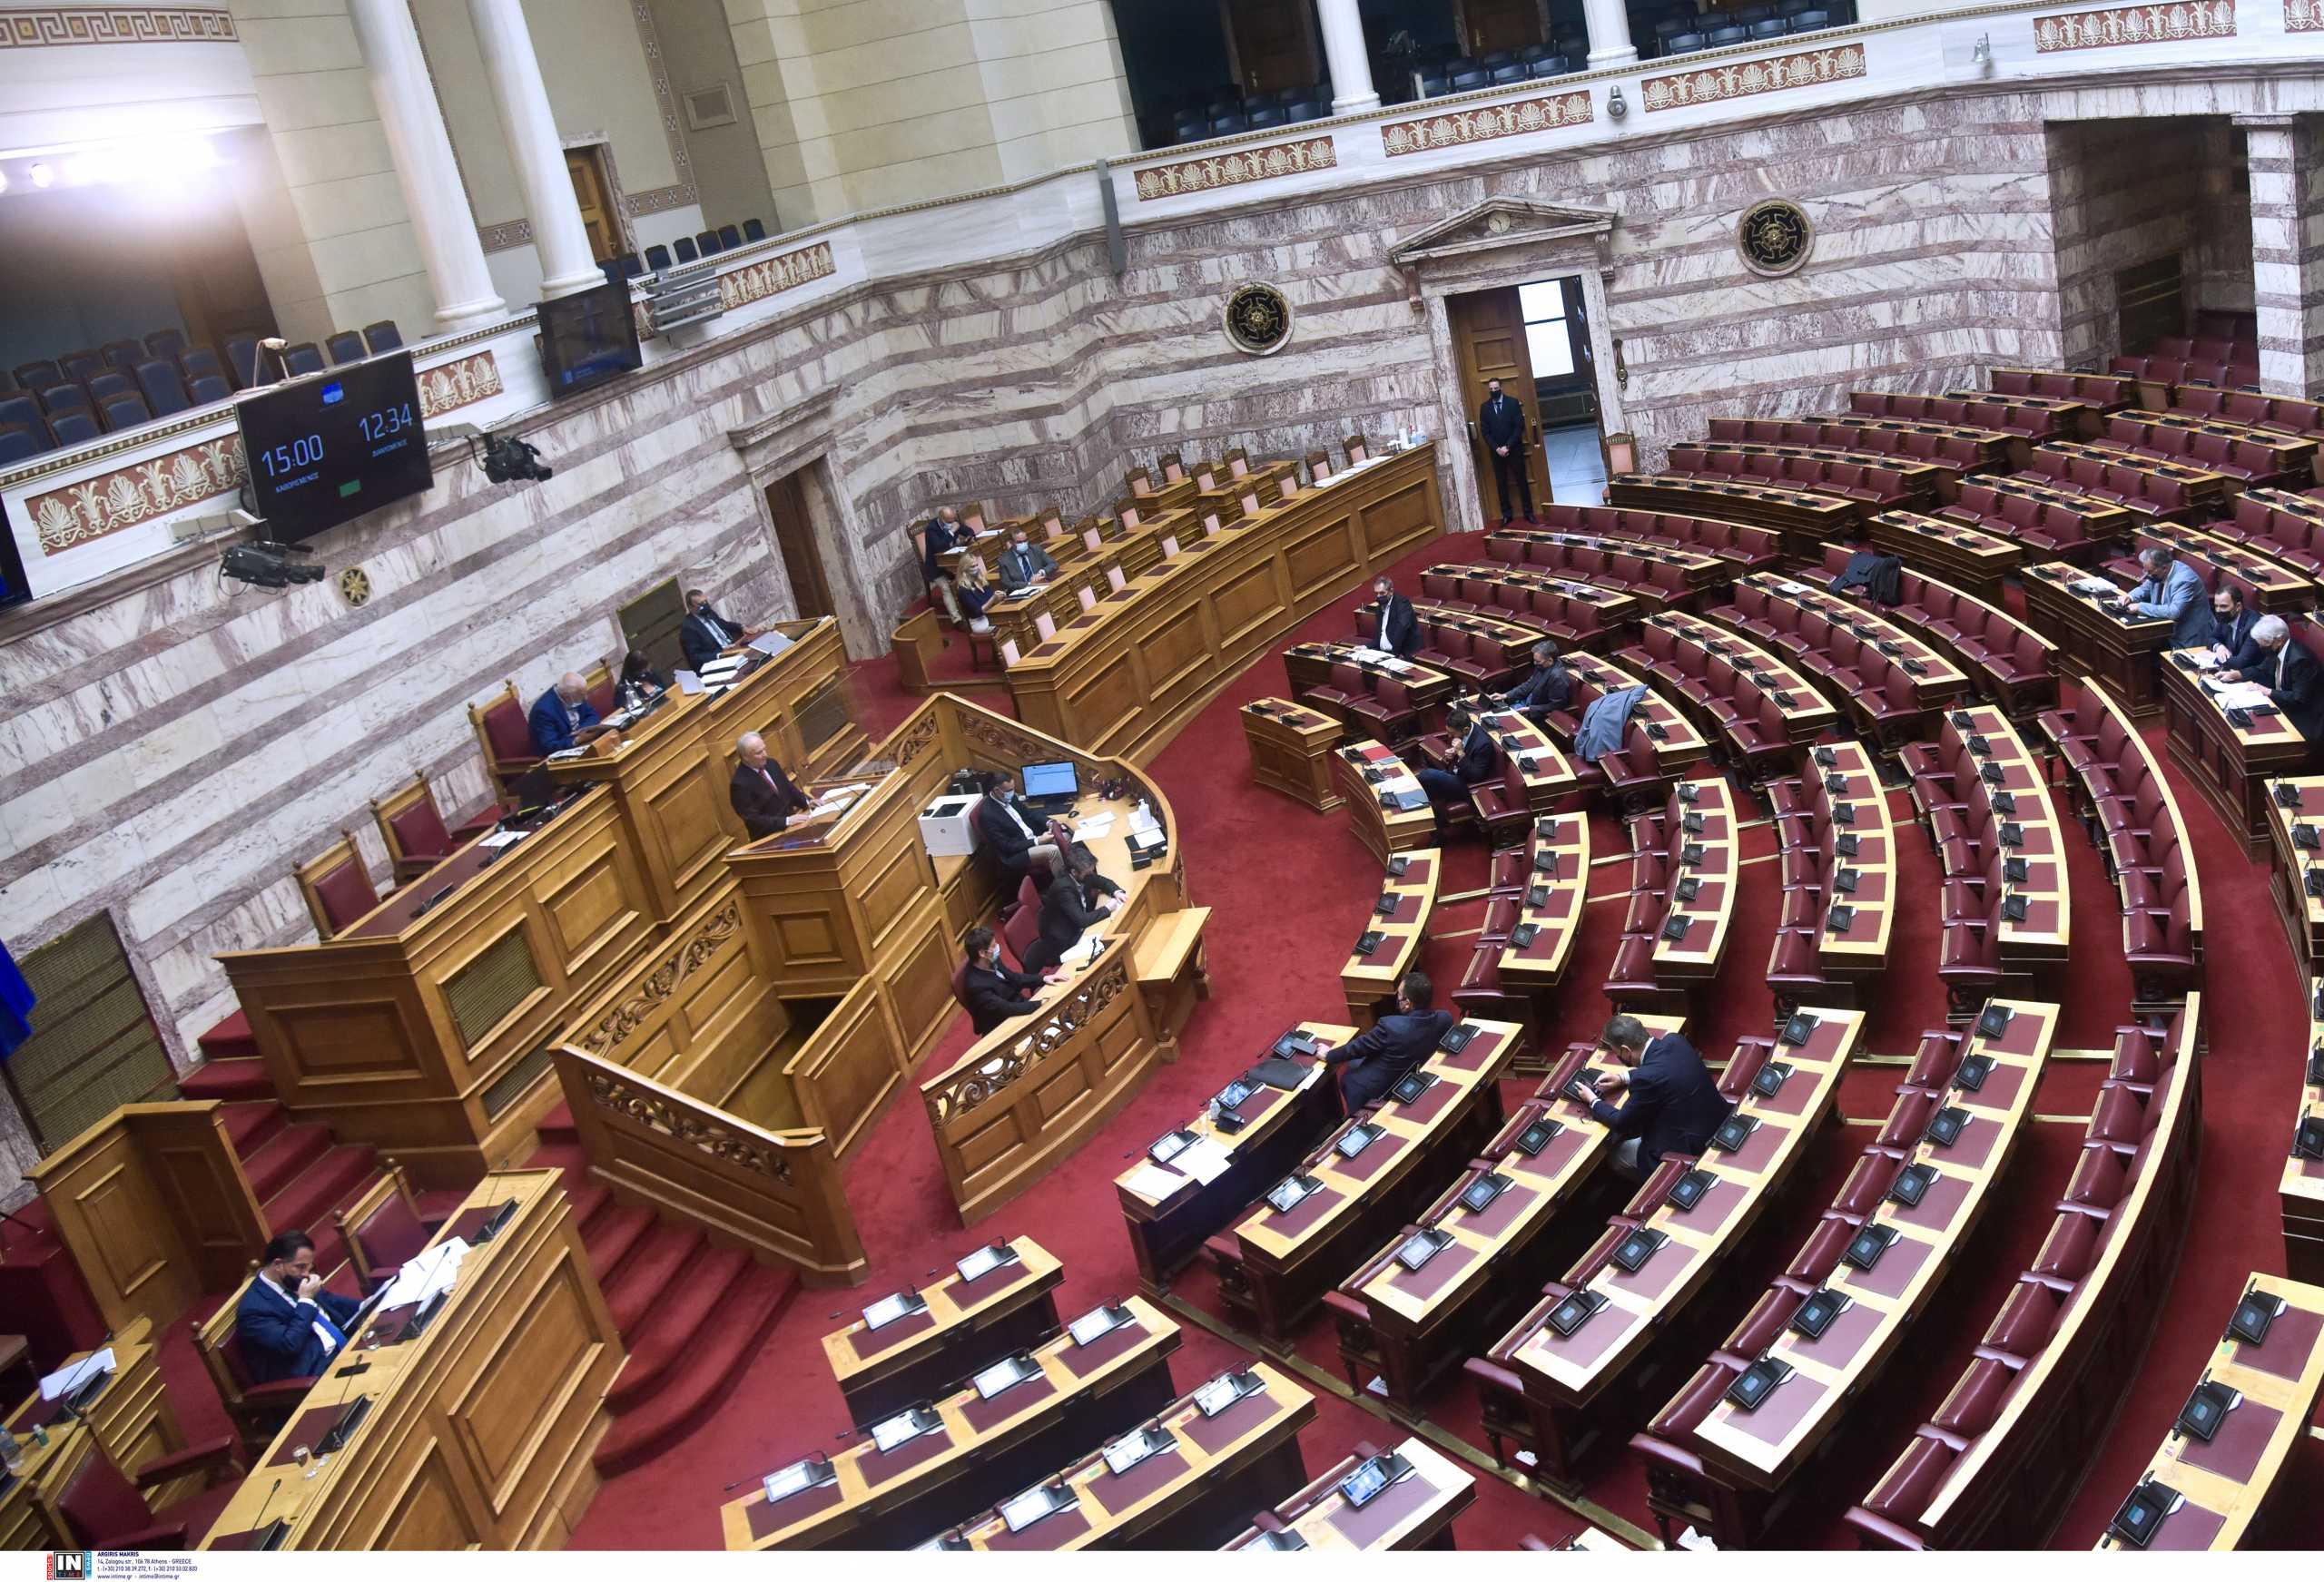 Νέος βουλευτής ο Κώστας Κόλλιας – Ιστορική ανατροπή στη ΝΔ, δυο χρόνια μετά τις εθνικές εκλογές